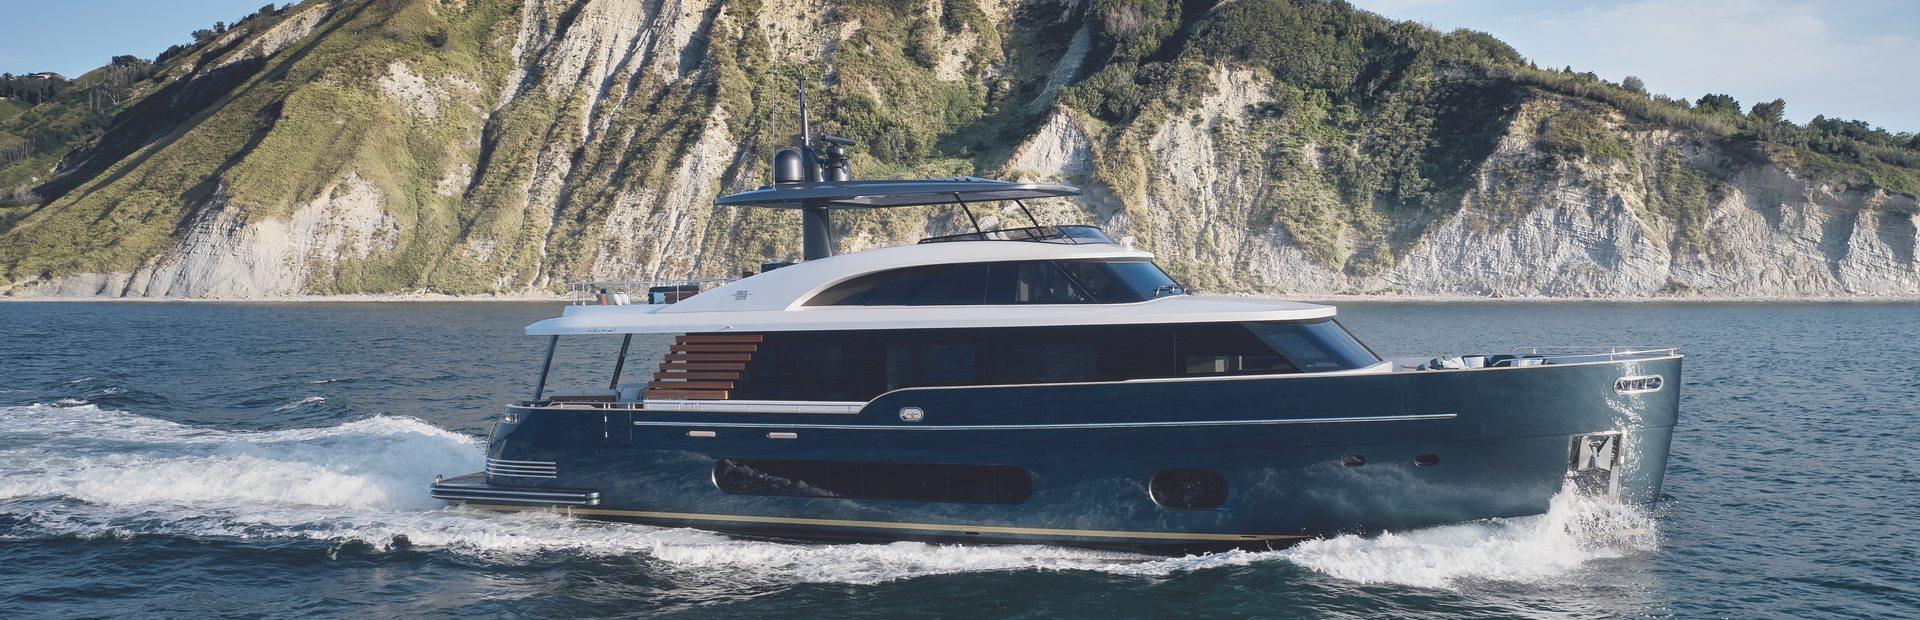 Magellano 25 Metri Yacht Charter